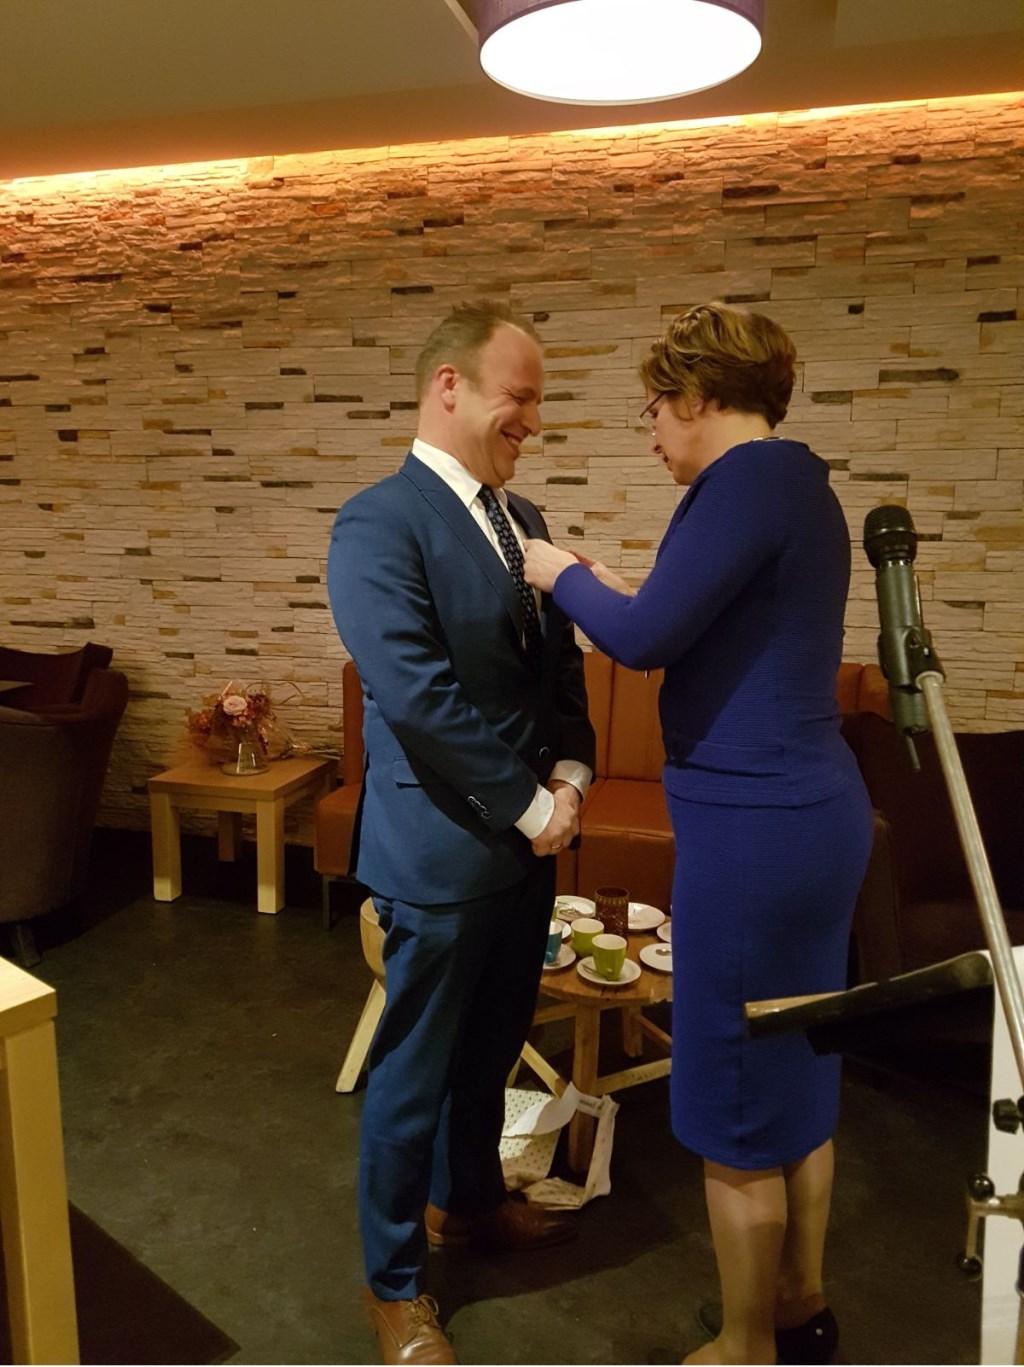 Gert van de Beek krijgt de Koninklijke Onderscheiding opgespeld. Adriaan Hosang © BDU media